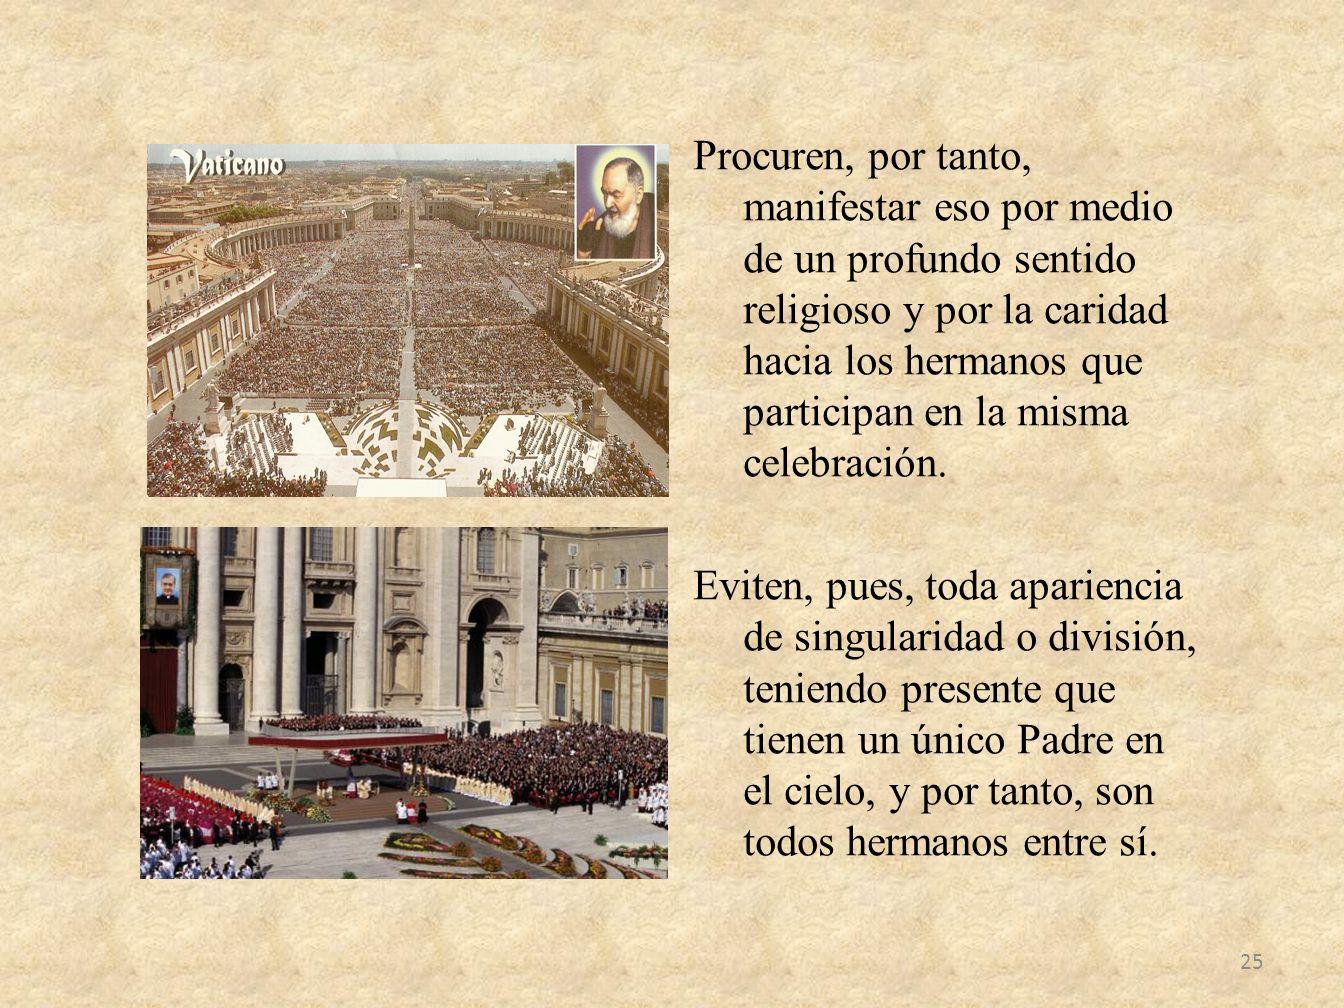 Procuren, por tanto, manifestar eso por medio de un profundo sentido religioso y por la caridad hacia los hermanos que participan en la misma celebrac